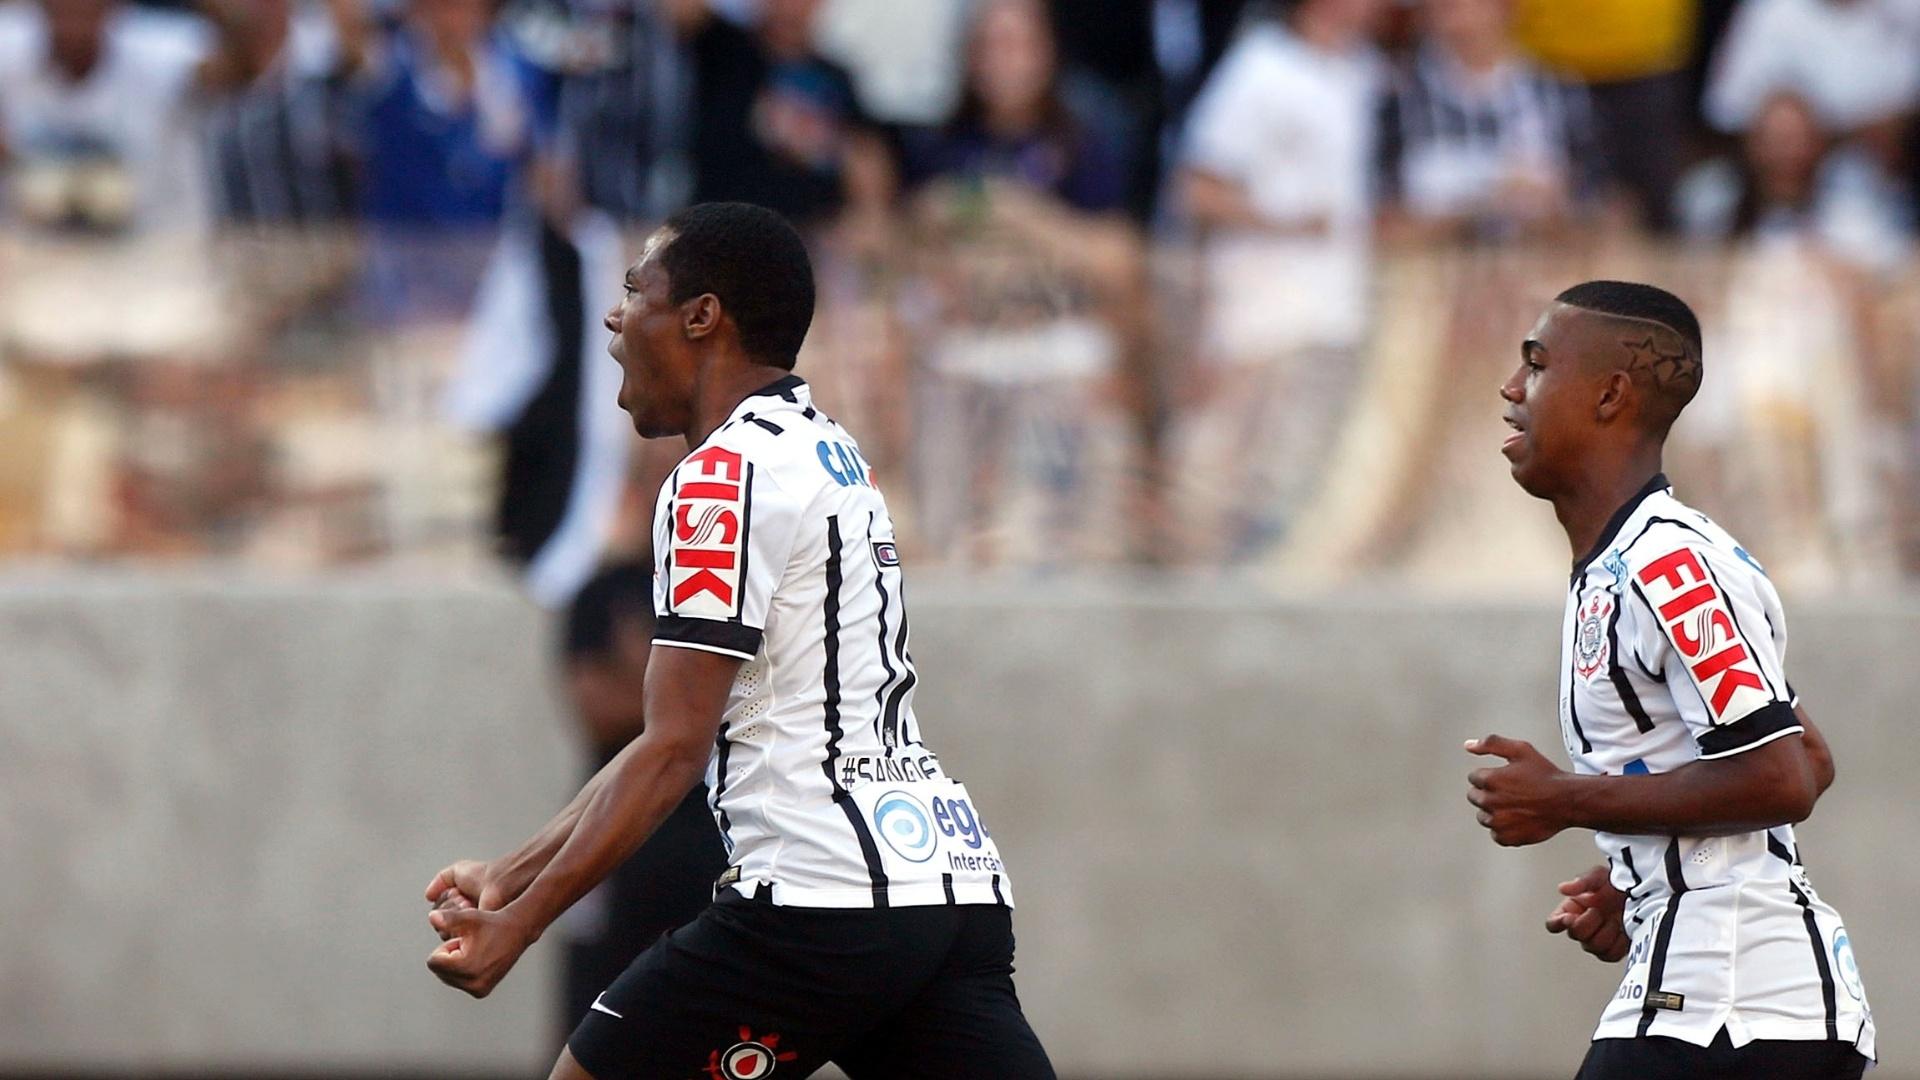 Elias comemora gol do Corinthians contra o Criciúma no Itaquerão